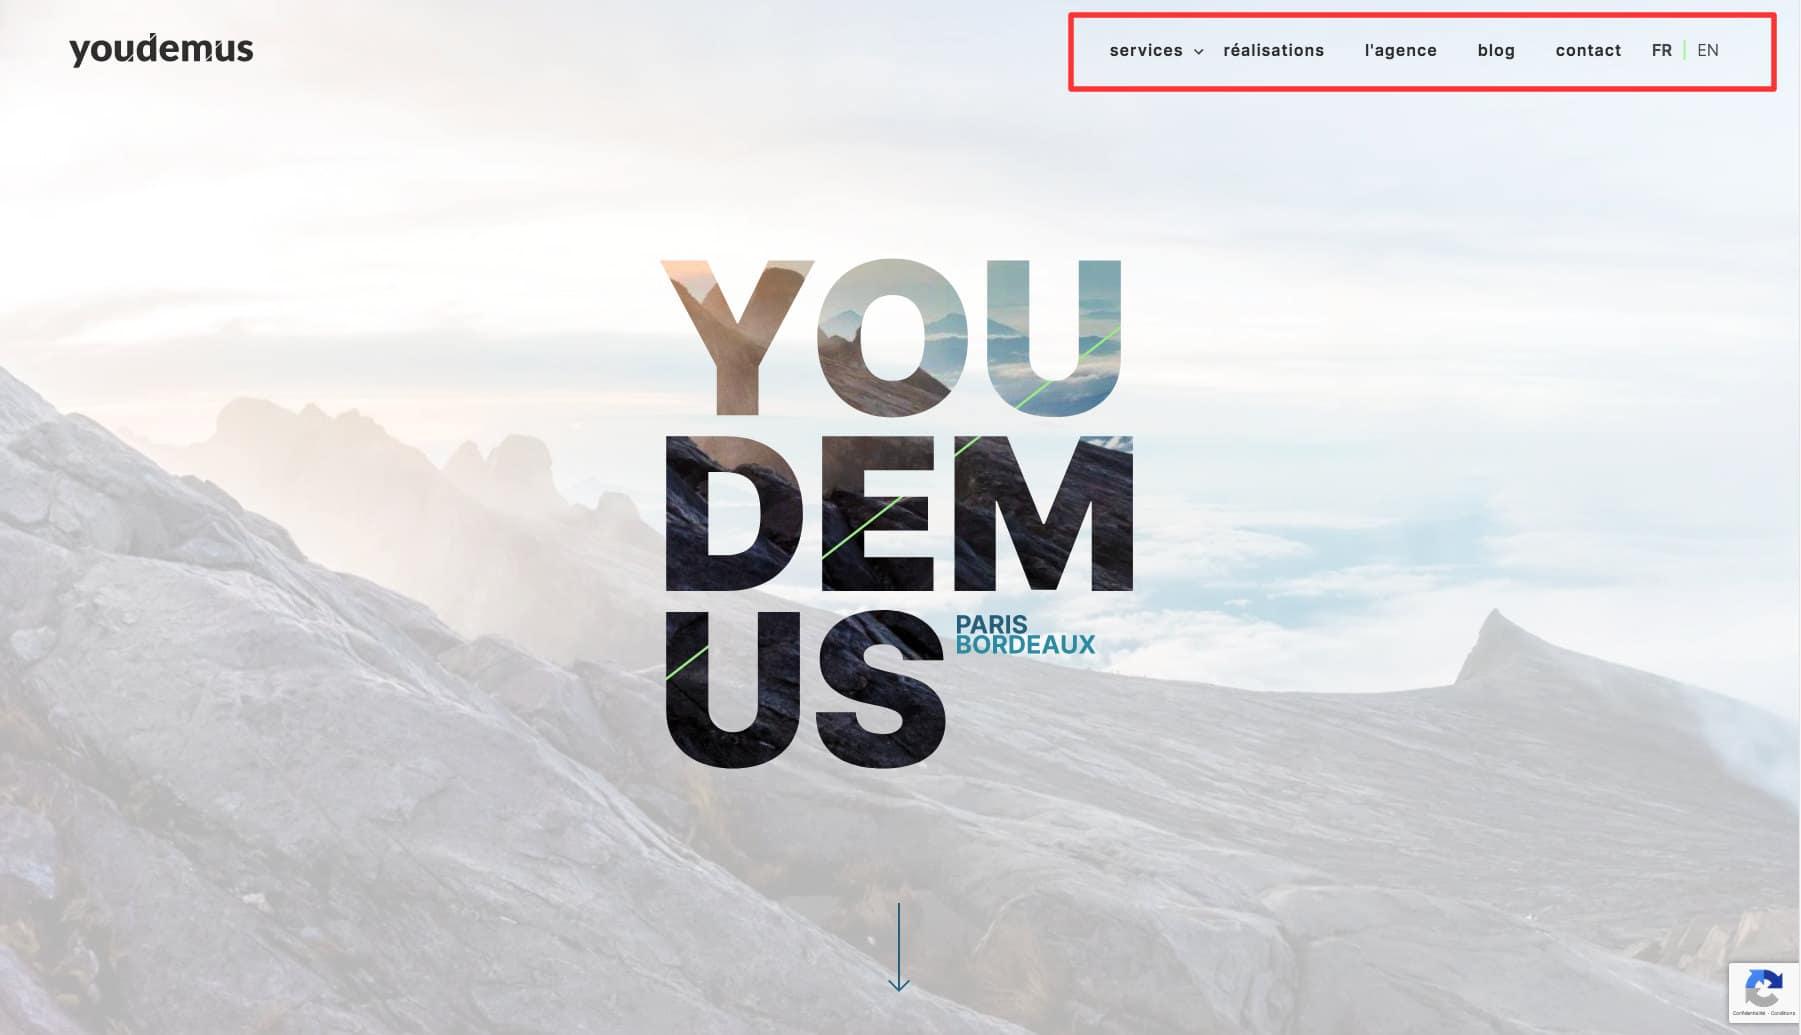 site web youdemus menu pages